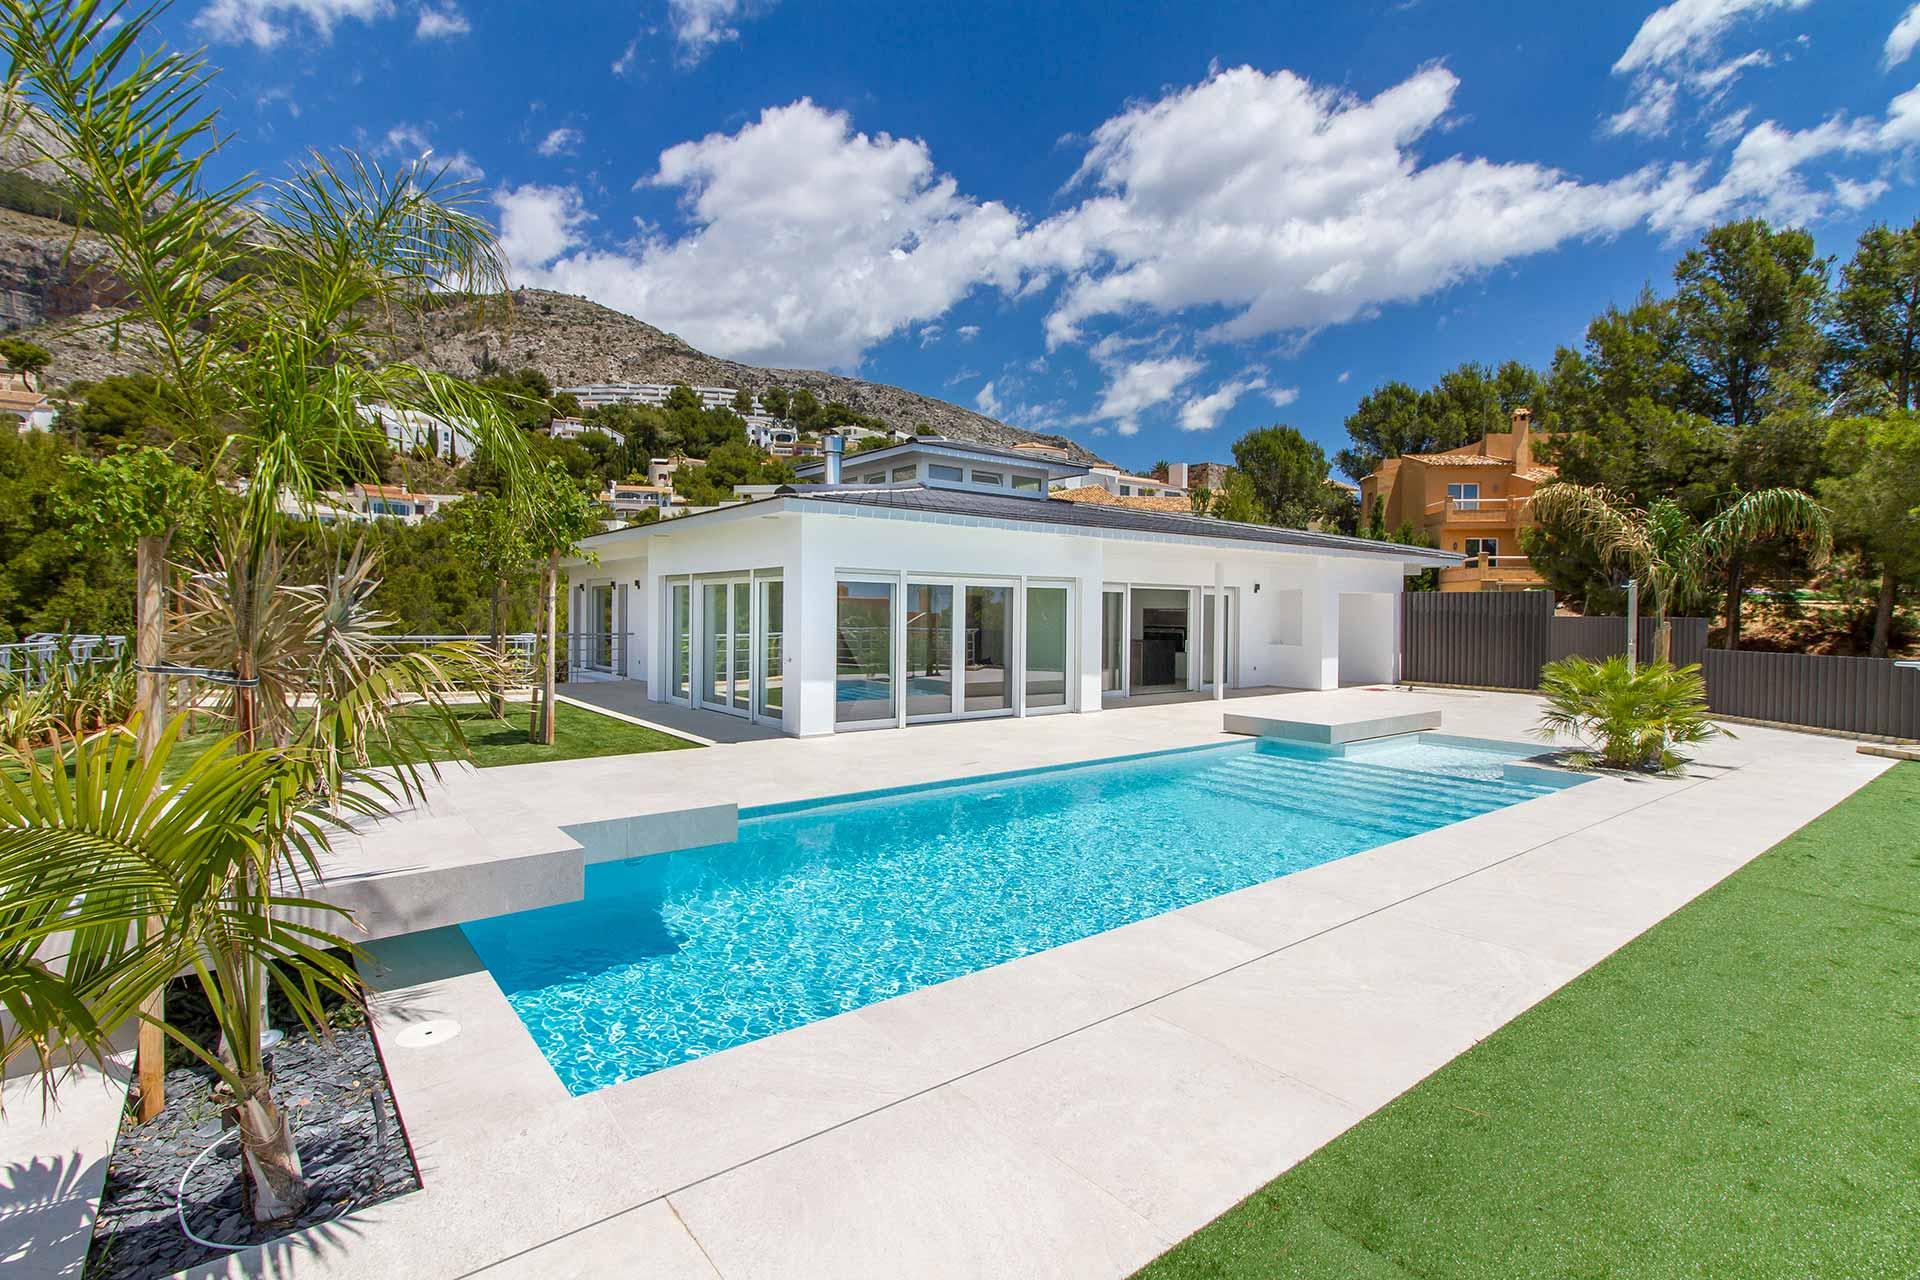 Sierra de Altea villa for sale